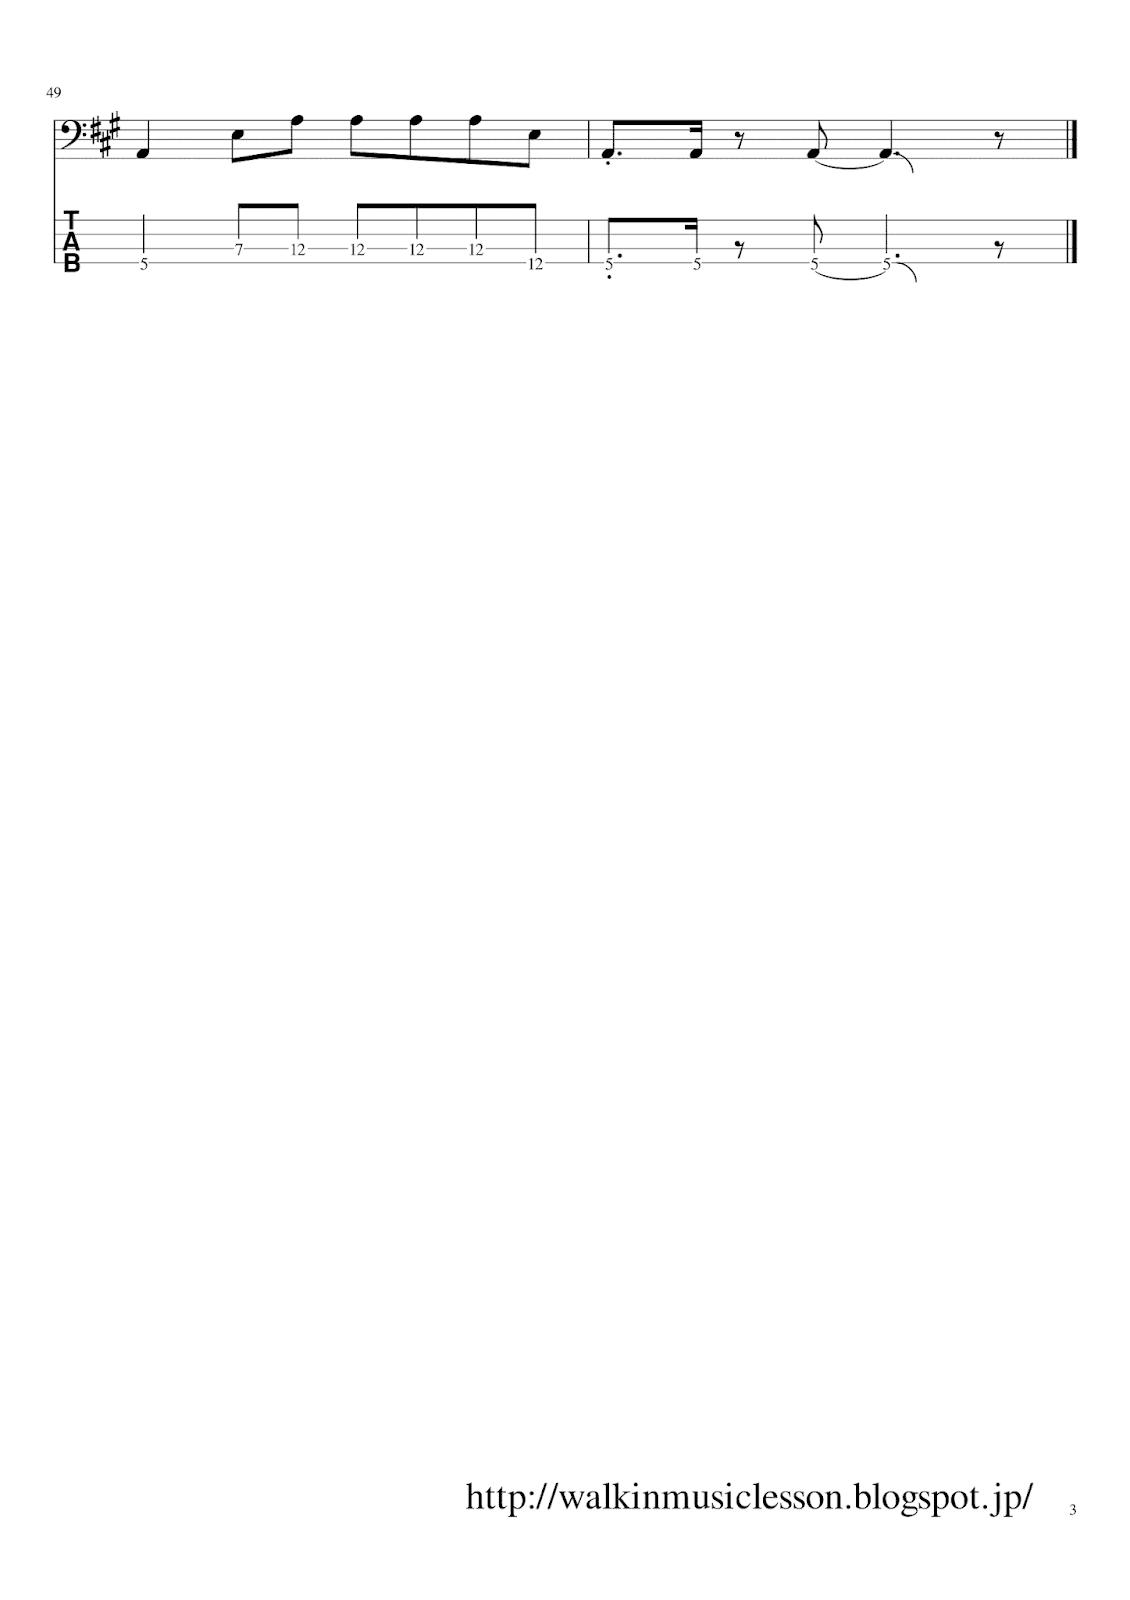 ポケモン サンムーン op 未来コネクション tab pokemon sun moon opening 3 tab 3